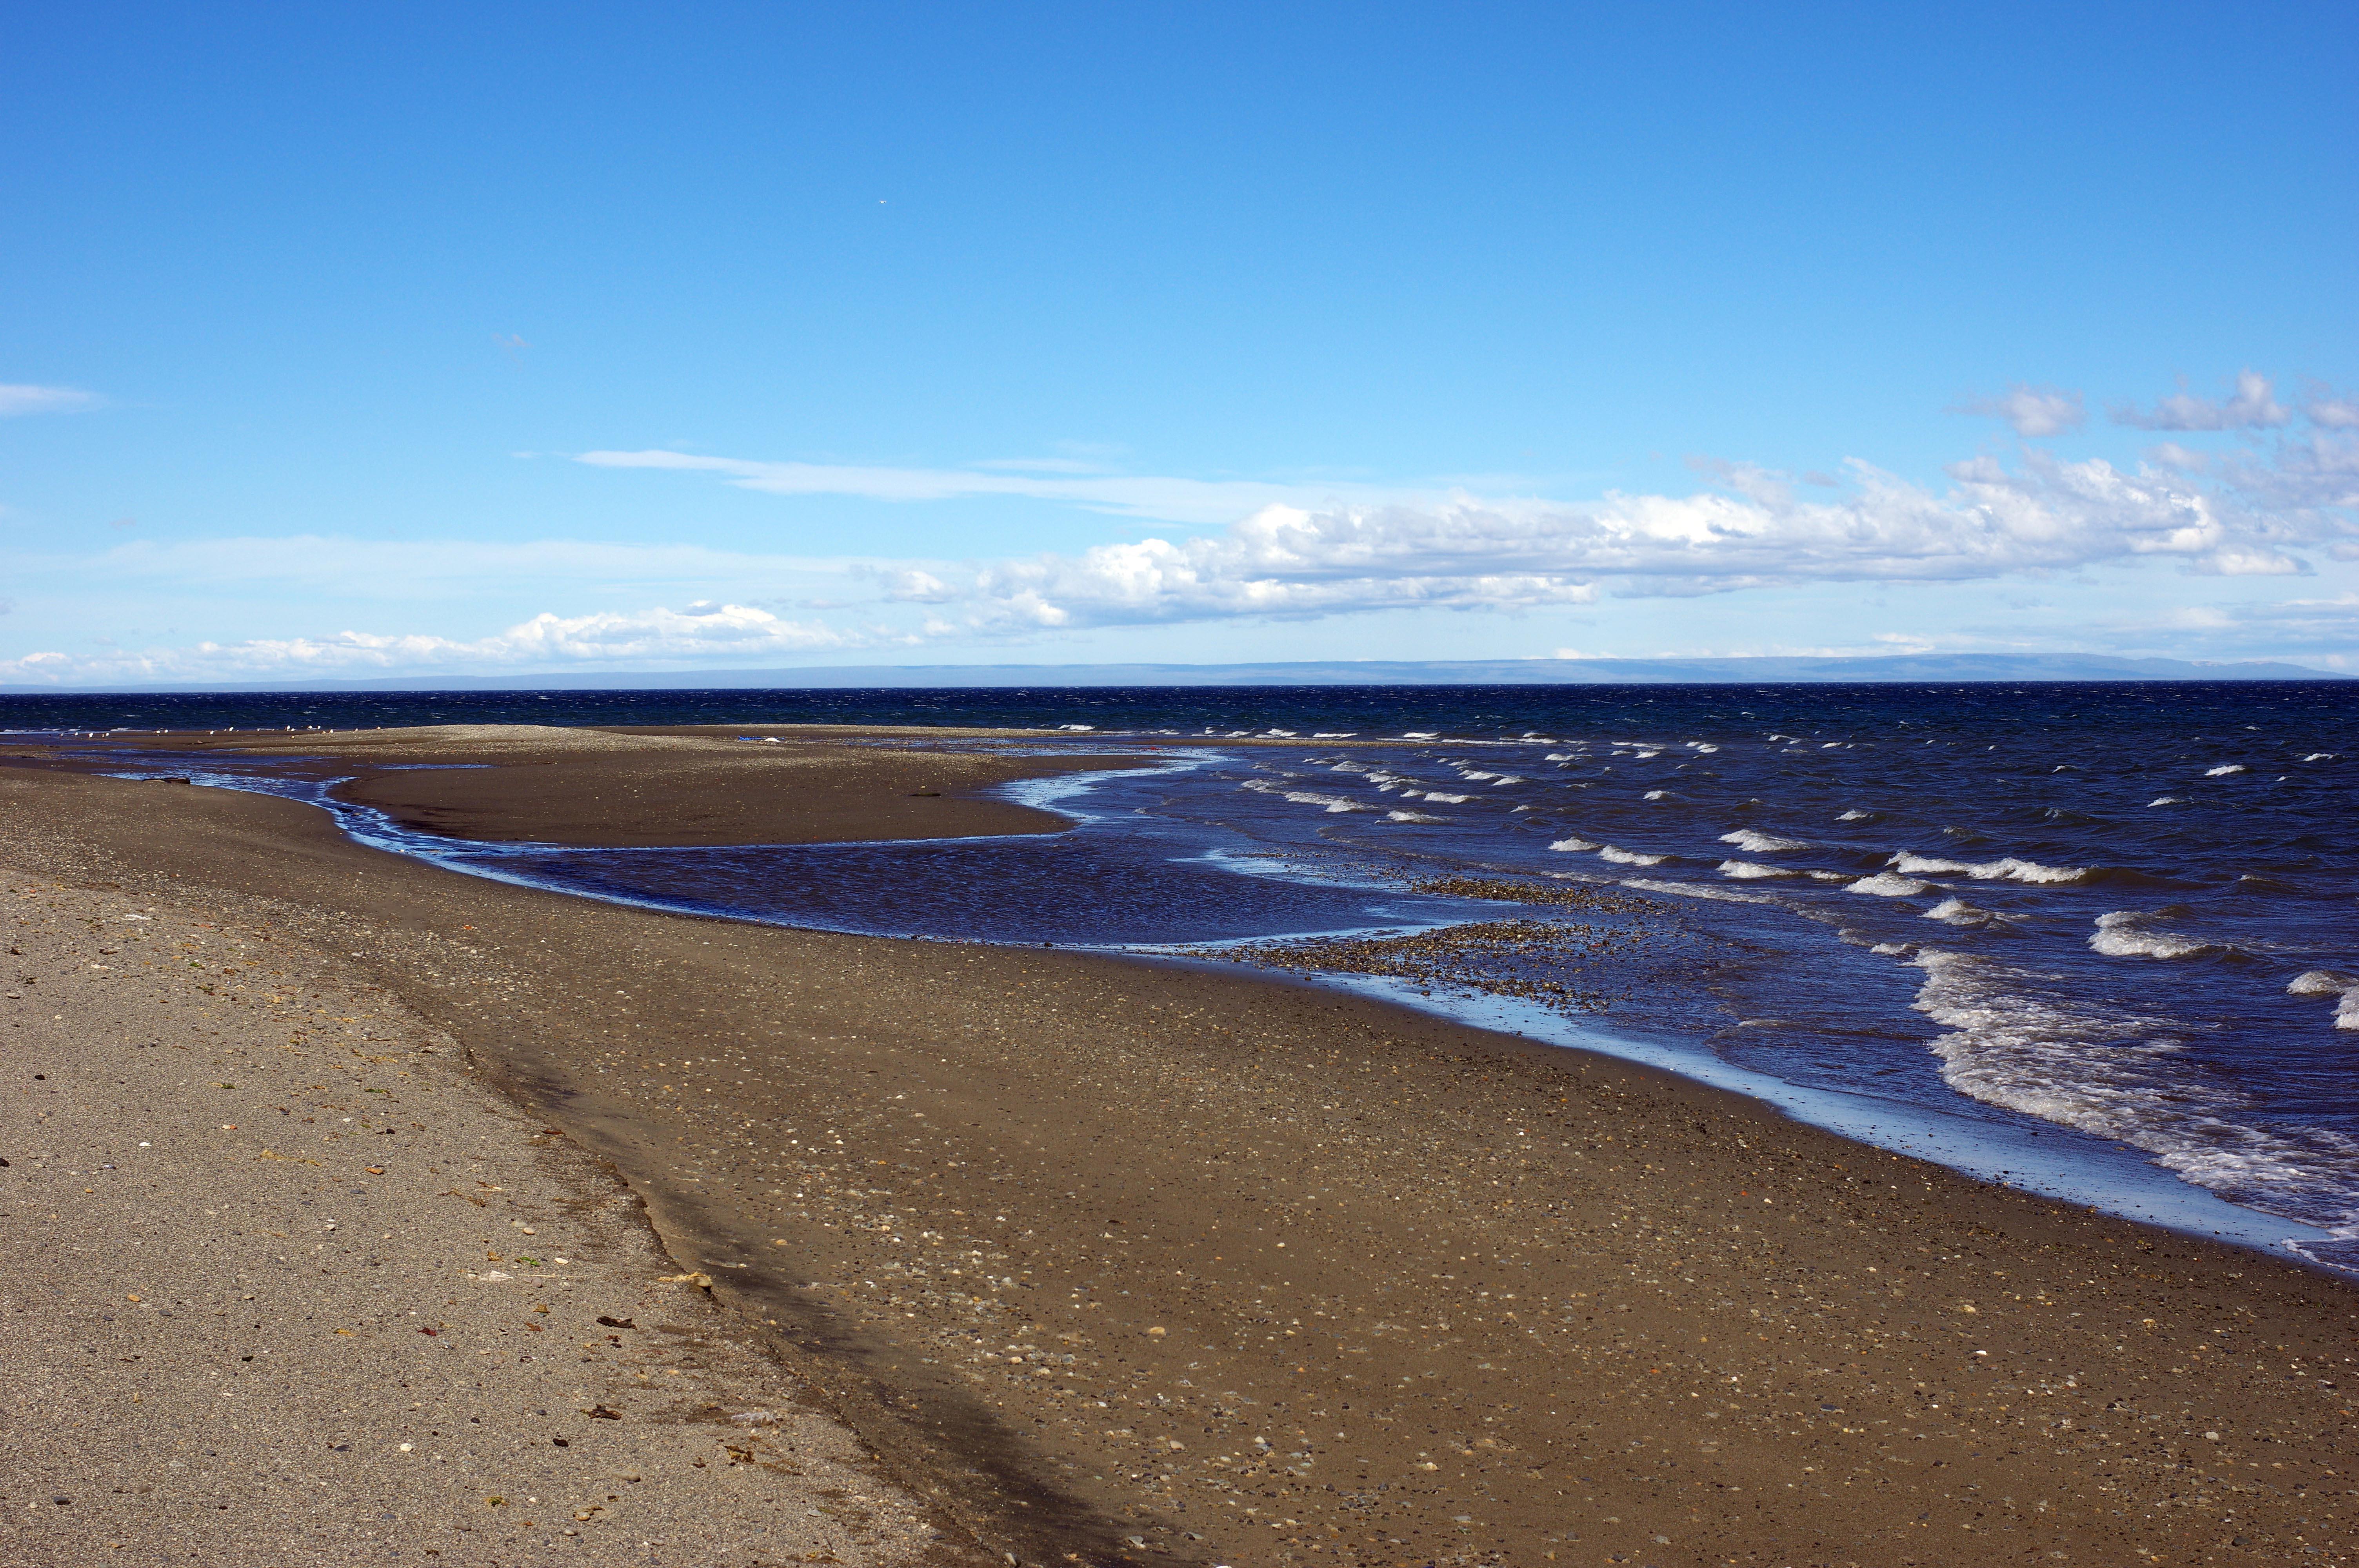 180119_Punta Arenas86